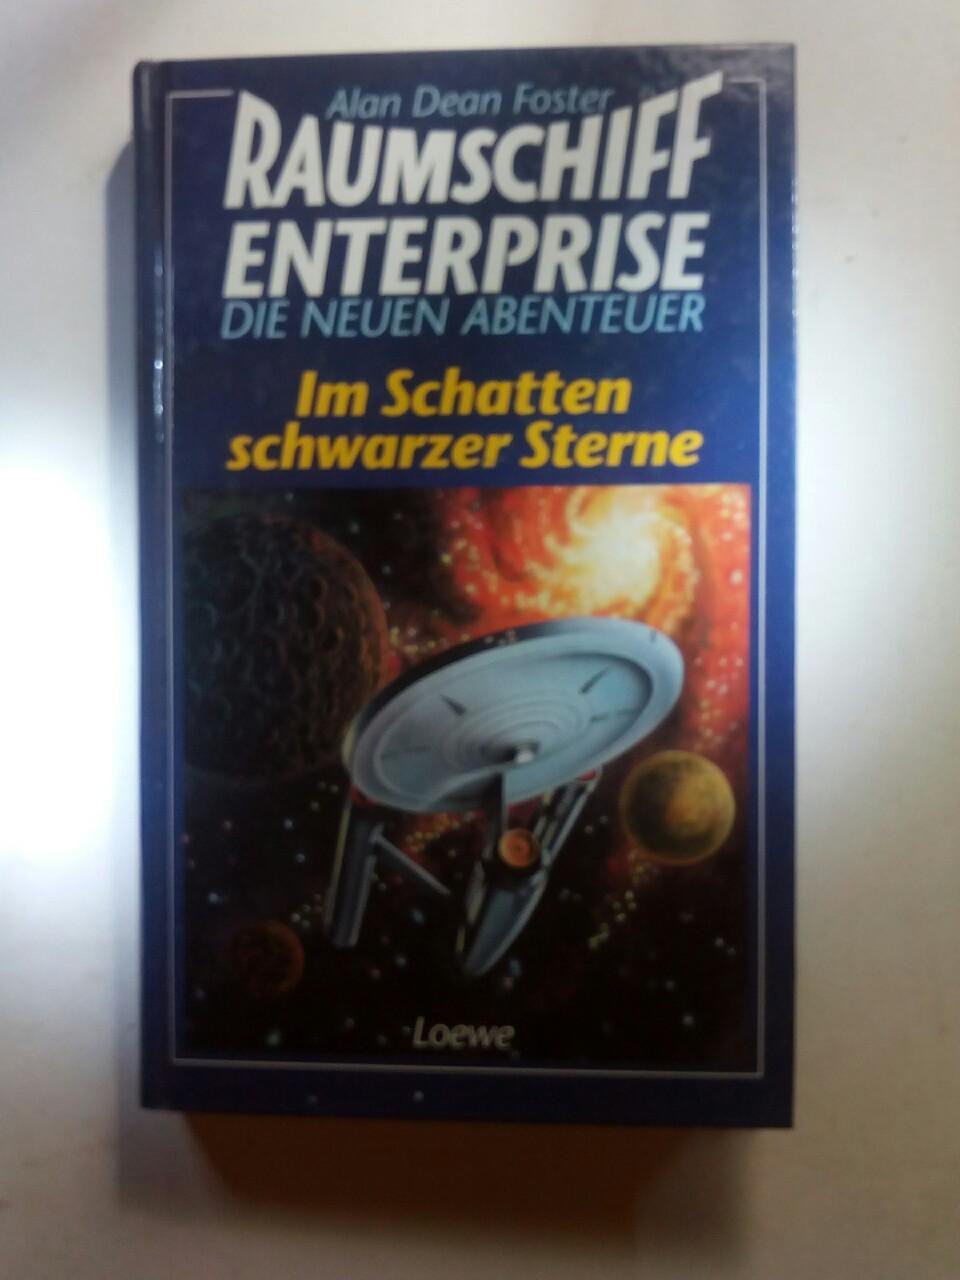 Raumschiff Entersprise - Die neuen Abenteuer: Im Schatten schwarzer Sterne - Foster, Alan Dean